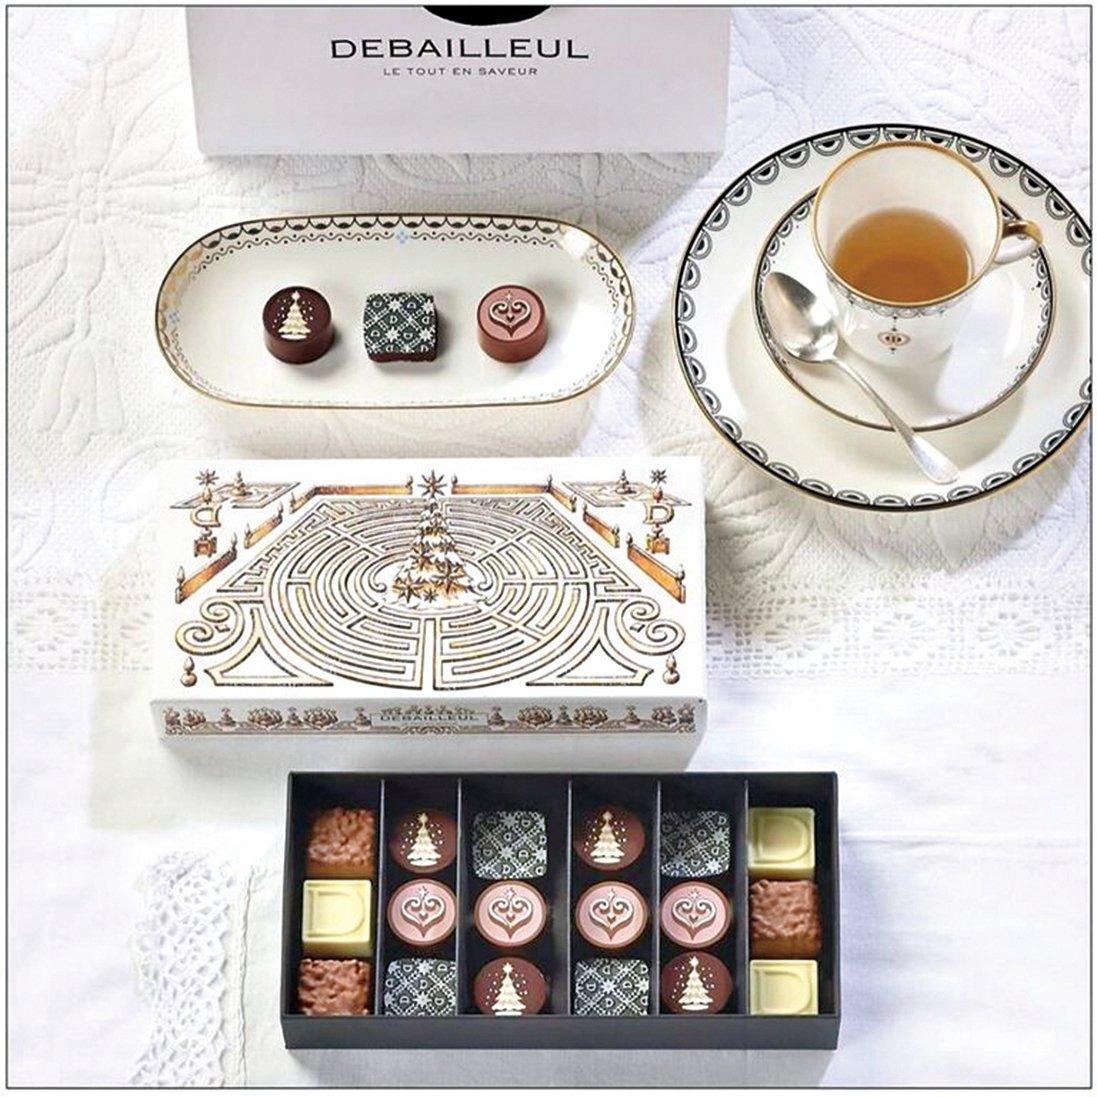 德巴約勒(Debailleul)朱古力被譽為貴族級的甜品,由享有「法國最佳工藝大師」之名的Marc Debailleul所創立。